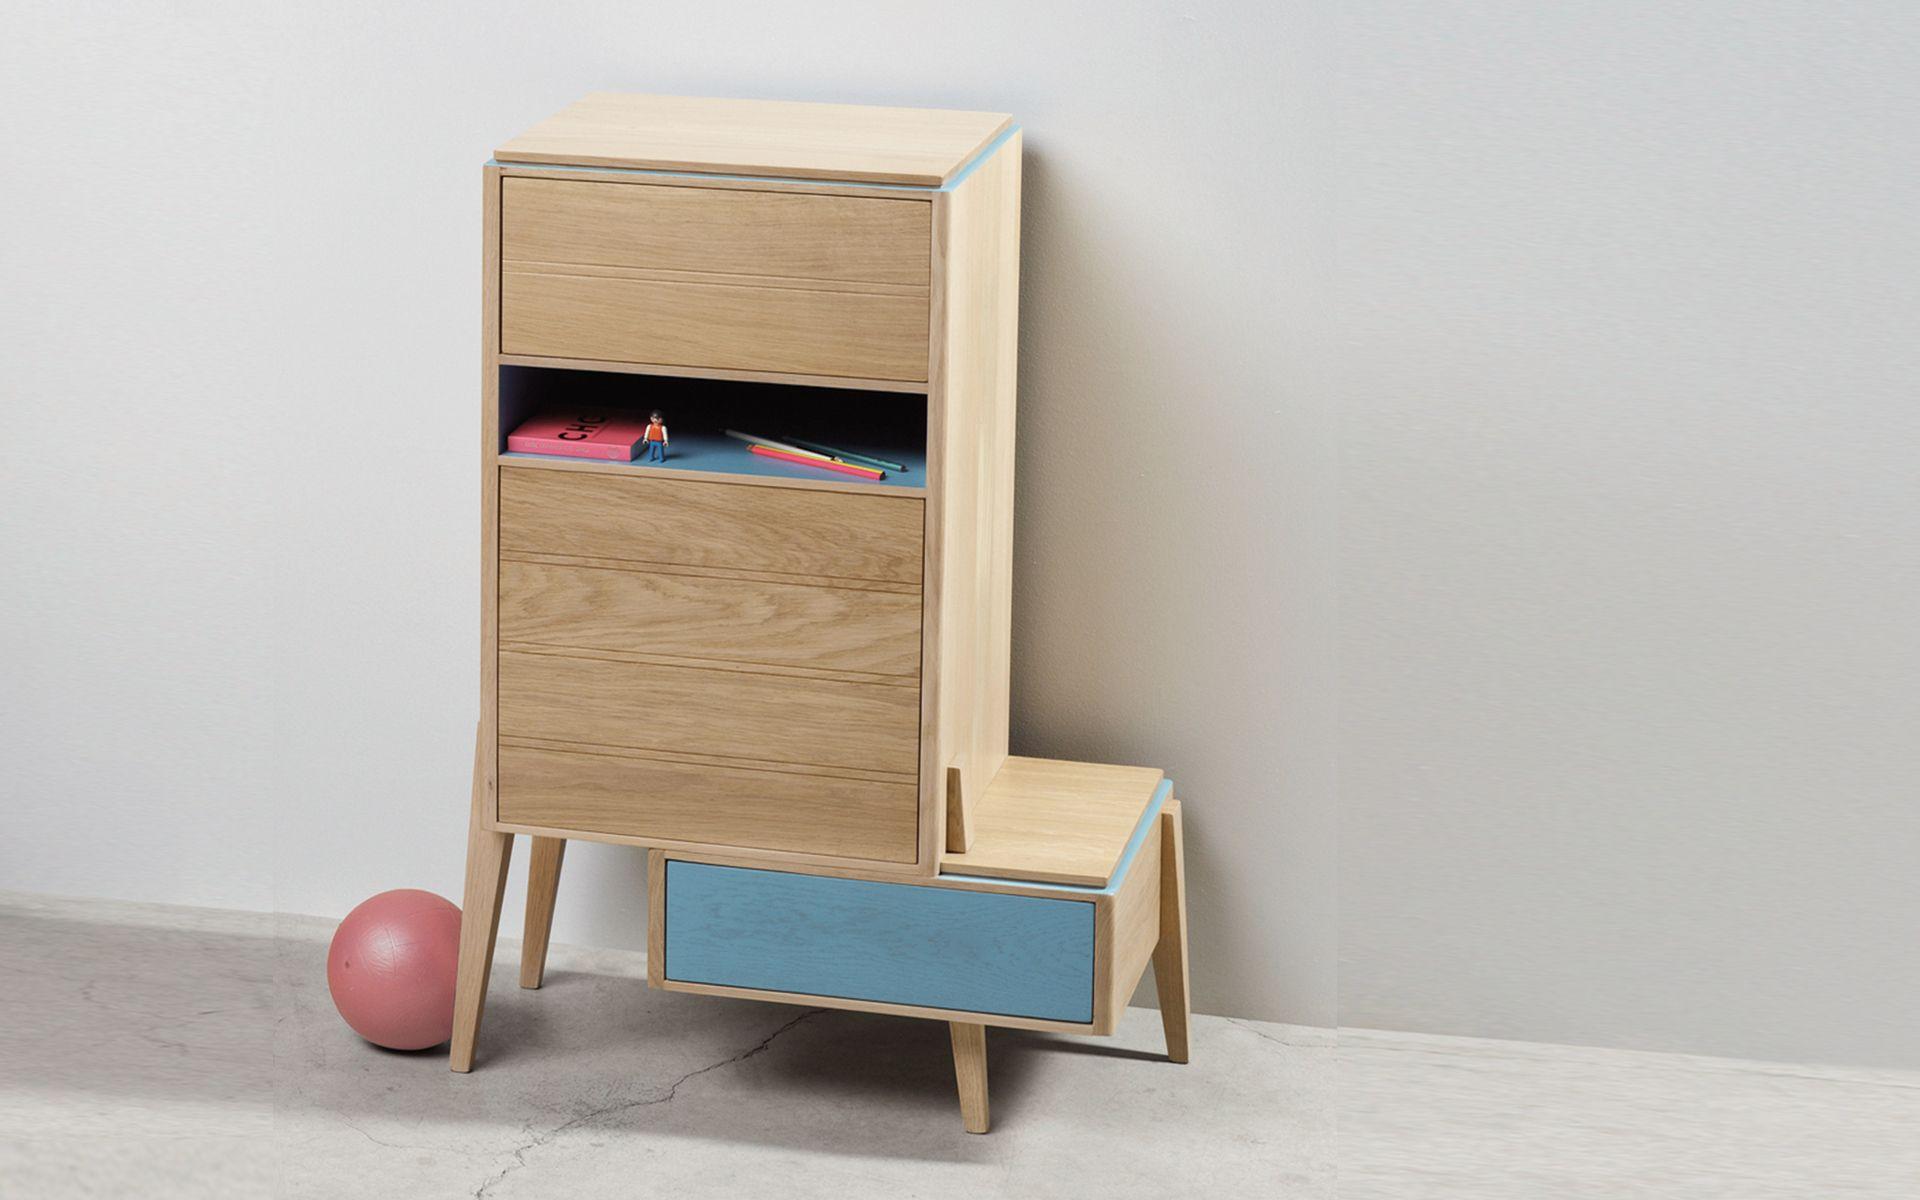 Julie Gaillard Design - Small Storage Furniture 365 featured on Rypen